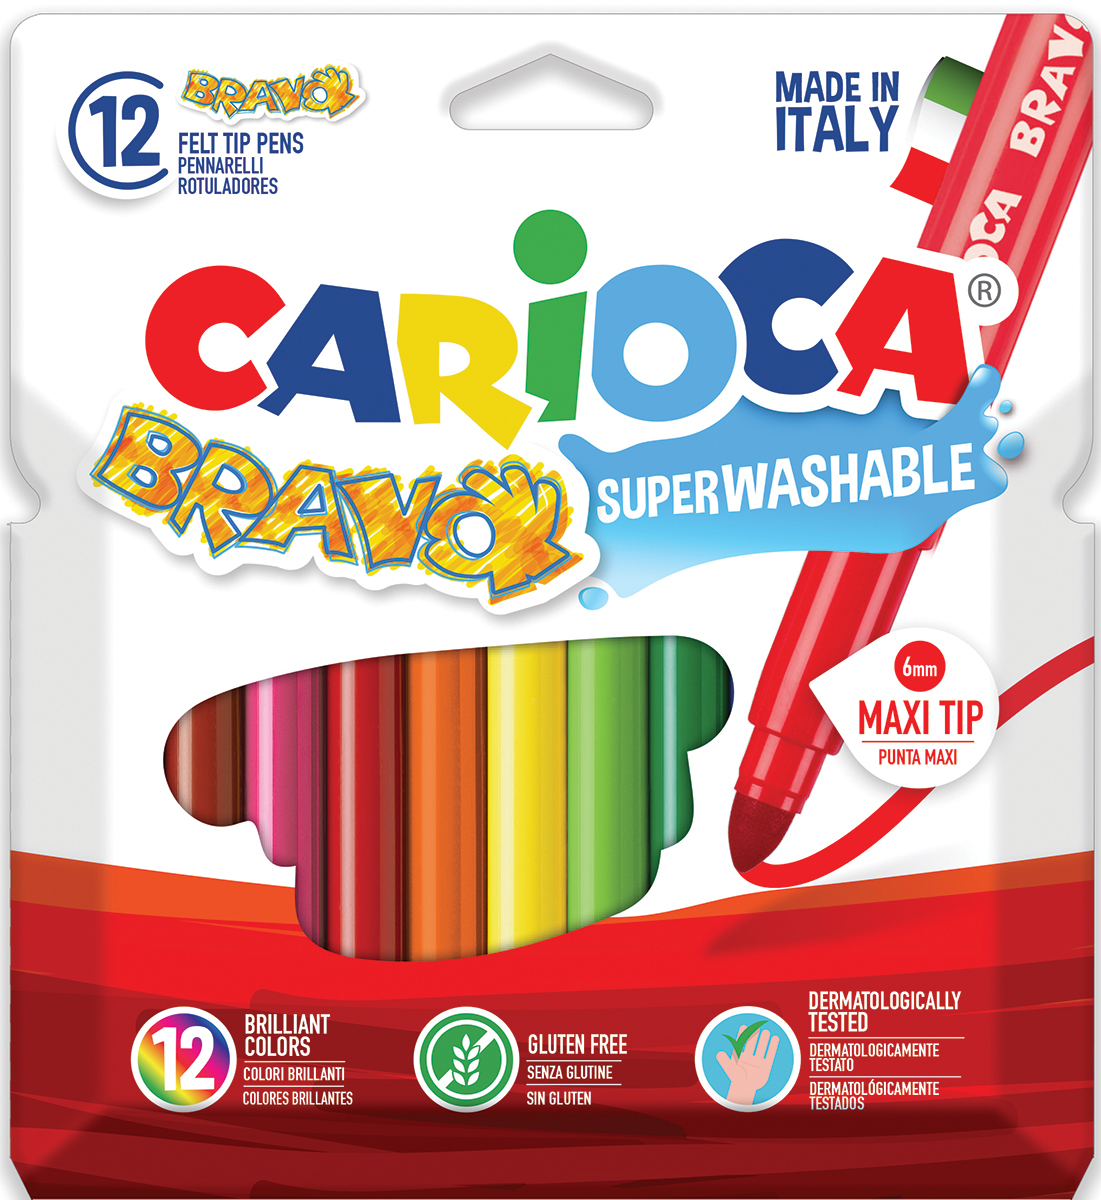 Carioca Набор фломастеров Bravo 12 цветов набор фломастеров carioca bravo 24 цв в карт конверте с европодвесом 42763